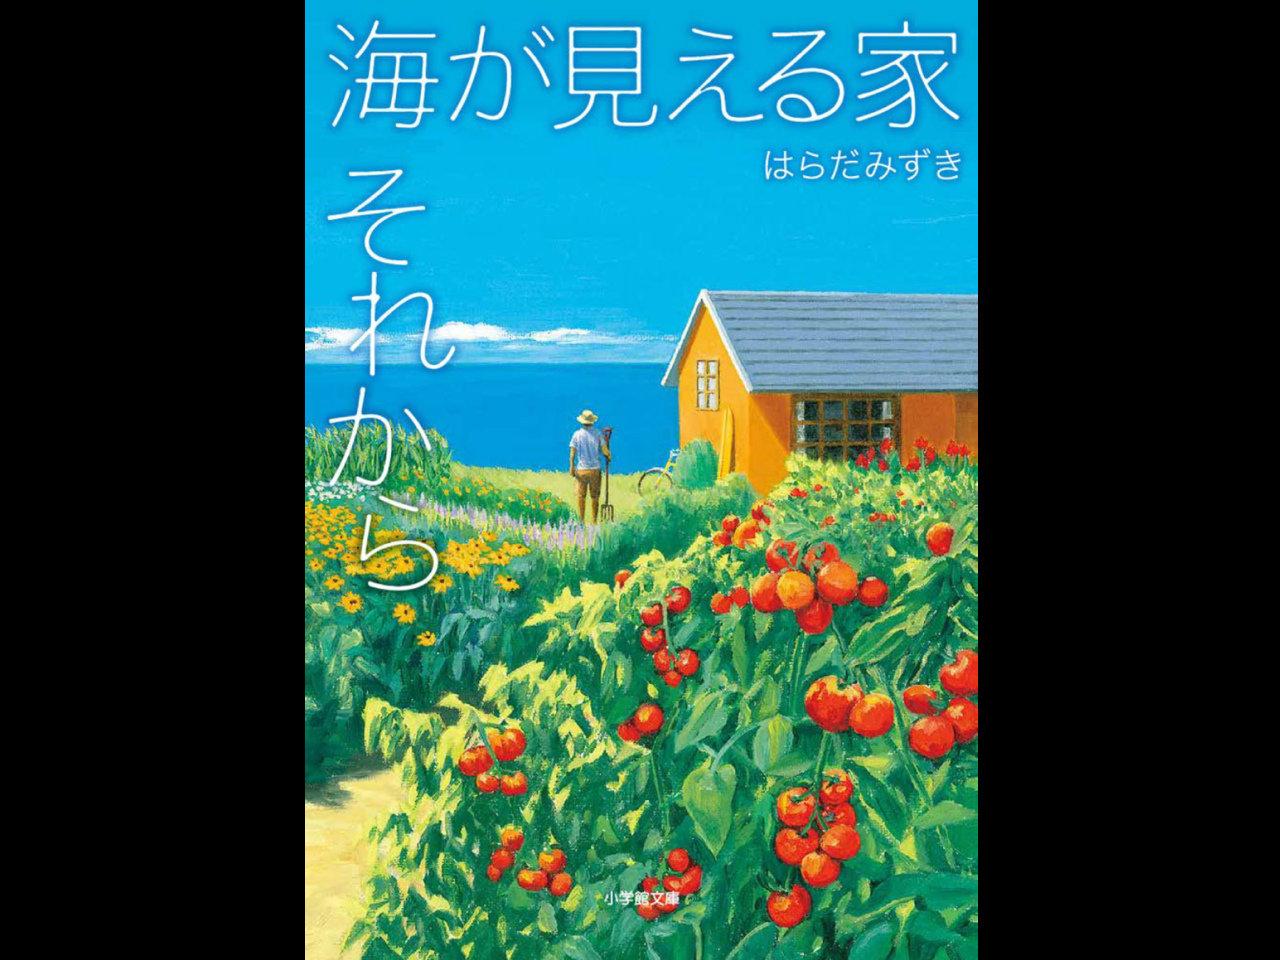 田舎暮らしってどんな感じ?「海が見える家」を読んで気づいた地方移住に必要なこと。